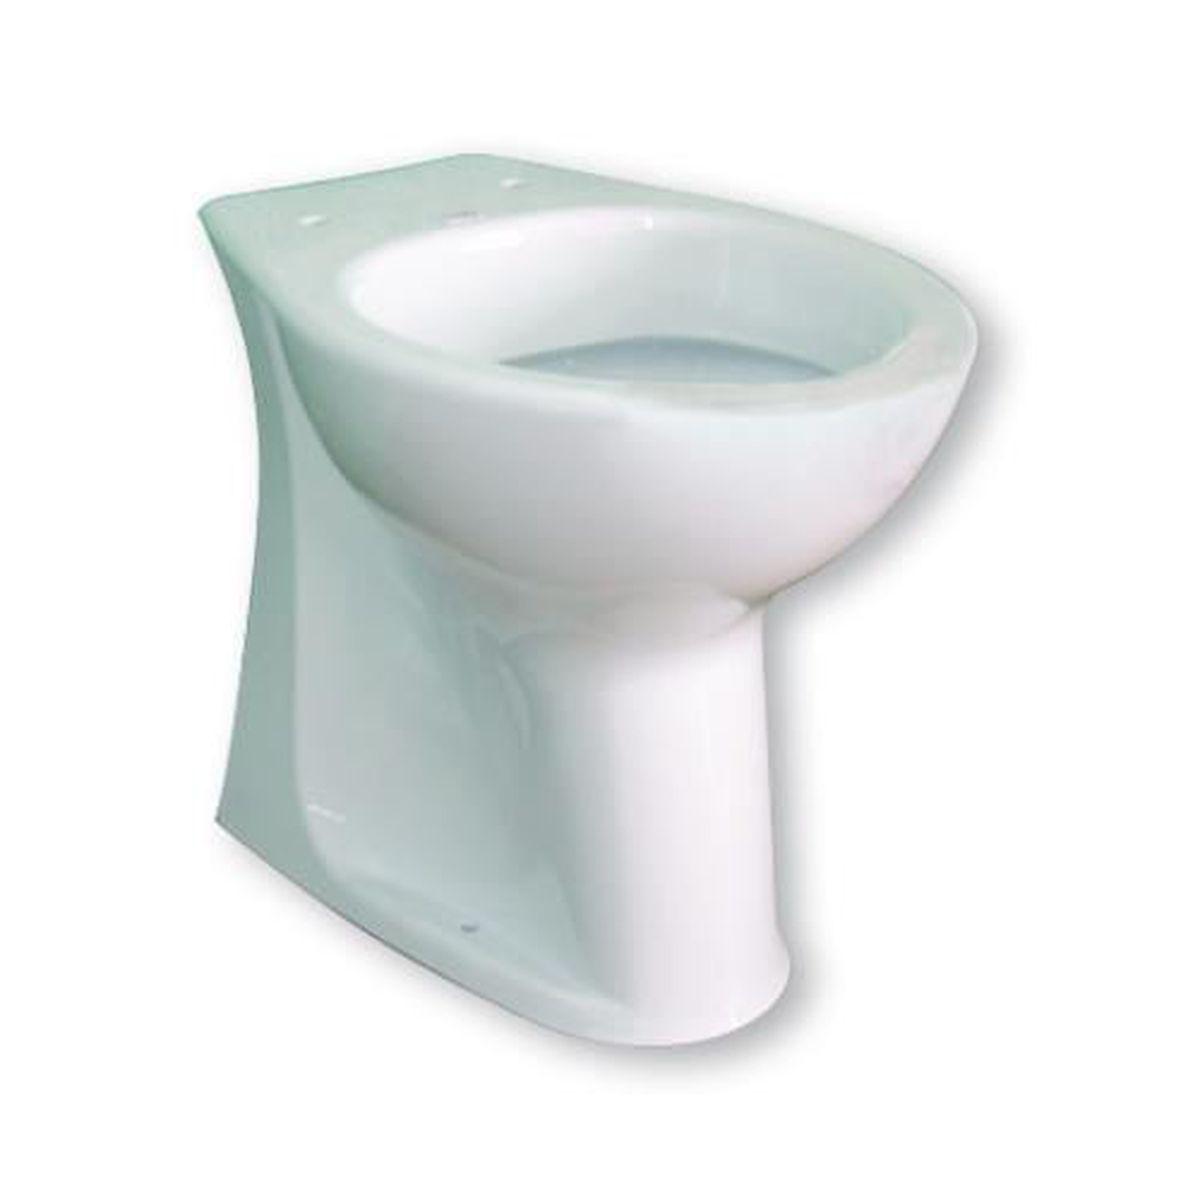 Changer Une Cuvette De Wc cuvette wc toilette en céramique hauteur 47 cm - achat